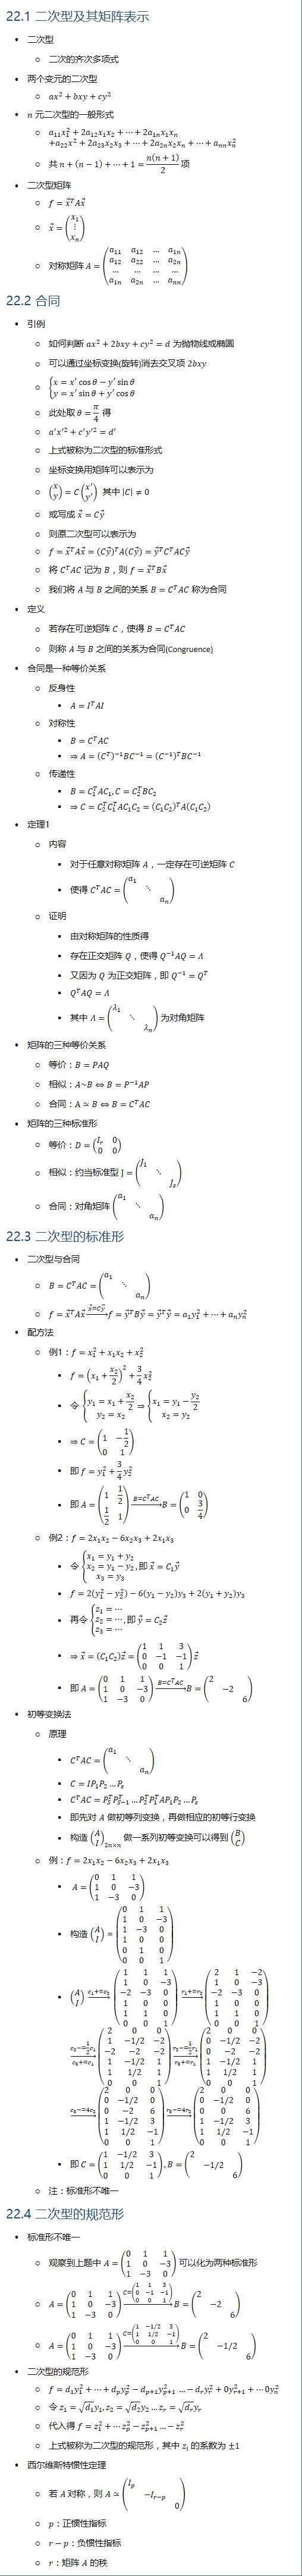 22.1 二次型及其矩阵表示 • 二次型 ○ 二次的齐次多项式 • 两个变元的二次型 ○ 〖ax〗^2+bxy+〖cy〗^2 • n 元二次型的一般形式 ○ a_11 x_1^2+2a_12 x_1 x_2+…+2a_1n x_1 x_n +a_22 x^2+2a_23 x_2 x_3+…+2a_2n x_2 x_n+…+a_nn x_n^2 ○ 共 n+(n−1)+…+1=n(n+1)/2 项 • 二次型矩阵 ○ f=x ⃗^T Ax ⃗ ○ x ⃗=(■8(x_1@⋮@x_n )) ○ 对称矩阵 A=(■8(a_11&a_12&…&a_1n@a_12&a_22&…&a_2n@…&…&…&…@a_1n&a_2n&…&a_nn )) 22.2 合同 • 引例 ○ 如何判断 〖ax〗^2+2bxy+〖cy〗^2=d 为抛物线或椭圆 ○ 可以通过坐标变换(旋转)消去交叉项 2bxy ○ {█(x=x^′ cosθ−y^′ sinθ@y=x^′ sinθ+y^′ cosθ )┤ ○ 此处取 θ=π/4 得 ○ a^′ x^′2+c^′ y^′2=d^′ ○ 上式被称为二次型的标准形式 ○ 坐标变换用矩阵可以表示为 ○ (■8(x@y))=C(■8(x^′@y^′ )) 其中 |C|≠0 ○ 或写成 x ⃗=Cy ⃗ ○ 则原二次型可以表示为 ○ f=x ⃗^T Ax ⃗=(Cy ⃗ )^T A(Cy ⃗ )=y ⃗^T C^T ACy ⃗ ○ 将 C^T AC 记为 B,则 f=x ⃗^T Bx ⃗ ○ 我们将 A 与 B 之间的关系 B=C^T AC 称为合同 • 定义 ○ 若存在可逆矩阵 C,使得 B=C^T AC ○ 则称 A 与 B 之间的关系为合同(Congruence) • 合同是一种等价关系 ○ 反身性 § A=I^T AI ○ 对称性 § B=C^T AC § ⇒A=(C^T )^(−1) BC^(−1)=(C^(−1) )^T BC^(−1) ○ 传递性 § B=C_1^T 〖AC〗_1, C=C_2^T 〖BC〗_2 § ⇒C=C_2^T 〖C_1^T 〖AC〗_1 C〗_2=(C_1 C_2 )^T A(C_1 C_2 ) • 定理1 ○ 内容 § 对于任意对称矩阵 A,一定存在可逆矩阵 C § 使得 C^T AC=(■(a_1&&@&⋱&@&&a_n )) ○ 证明 § 由对称矩阵的性质得 § 存在正交矩阵 Q,使得 Q^(−1) AQ=Λ § 又因为 Q 为正交矩阵,即 Q^(−1)=Q^T § Q^T AQ=Λ § 其中 Λ=(■(λ_1&&@&⋱&@&&λ_n )) 为对角矩阵 • 矩阵的三种等价关系 ○ 等价:B=PAQ ○ 相似:A~B⇔B=P^(−1) AP ○ 合同:A≃B⇔B=C^T AC • 矩阵的三种标准形 ○ 等价:D=(■8(I_r&0@0&0)) ○ 相似:约当标准型 J=(■(J_1&&@&⋱&@&&J_s )) ○ 合同:对角矩阵 (■(a_1&&@&⋱&@&&a_n )) 22.3 二次型的标准形 • 二次型与合同 ○ B=C^T AC=(■(a_1&&@&⋱&@&&a_n )) ○ f=x ⃗^T Ax ⃗→┴( x ⃗=Cy ⃗ ) f=y ⃗^T By ⃗=y ⃗^T y ⃗=a_1 y_1^2+…+a_n y_n^2 • 配方法 ○ 例1:f=x_1^2+x_1 x_2+x_2^2 § f=(x_1+x_2/2)^2+3/4 x_2^2 § 令 {█(y_1=x_1+x_2/2@y_2=x_2 )┤⇒{█(x_1=y_1−y_2/2@x_2=y_2 )┤ § ⇒C=(■8(1&−1/2@0&1)) § 即 f=y_1^2+3/4 y_2^2 § 即 A=(■8(1&1/2@1/2&1)) →┴( B=C^T AC ) B=(■8(1&0@0&3/4)) ○ 例2:f=2x_1 x_2−6x_2 x_3+2x_1 x_3 § 令 {█(x_1=y_1+y_2@x_2=y_1−y_2@x_3=y_3 )┤,即 x ⃗=C_1 y ⃗ § f=2(y_1^2−y_2^2 )−6(y_1−y_2 ) y_3+2(y_1+y_2 ) y_3 § 再令 {█(z_1=…@z_2=…@z_3=…)┤,即 y ⃗=C_2 z ⃗ § ⇒x ⃗=(C_1 C_2 ) z ⃗=(■8(1&1&3@0&−1&−1@0&0&1)) z ⃗ § 即 A=(■8(0&1&1@1&0&−3@1&−3&0)) →┴( B=C^T AC ) B=(■(2&&@&−2&@&&6)) • 初等变换法 ○ 原理 § C^T AC=(■(a_1&&@&⋱&@&&a_n )) § C=IP_1 P_2…P_s §